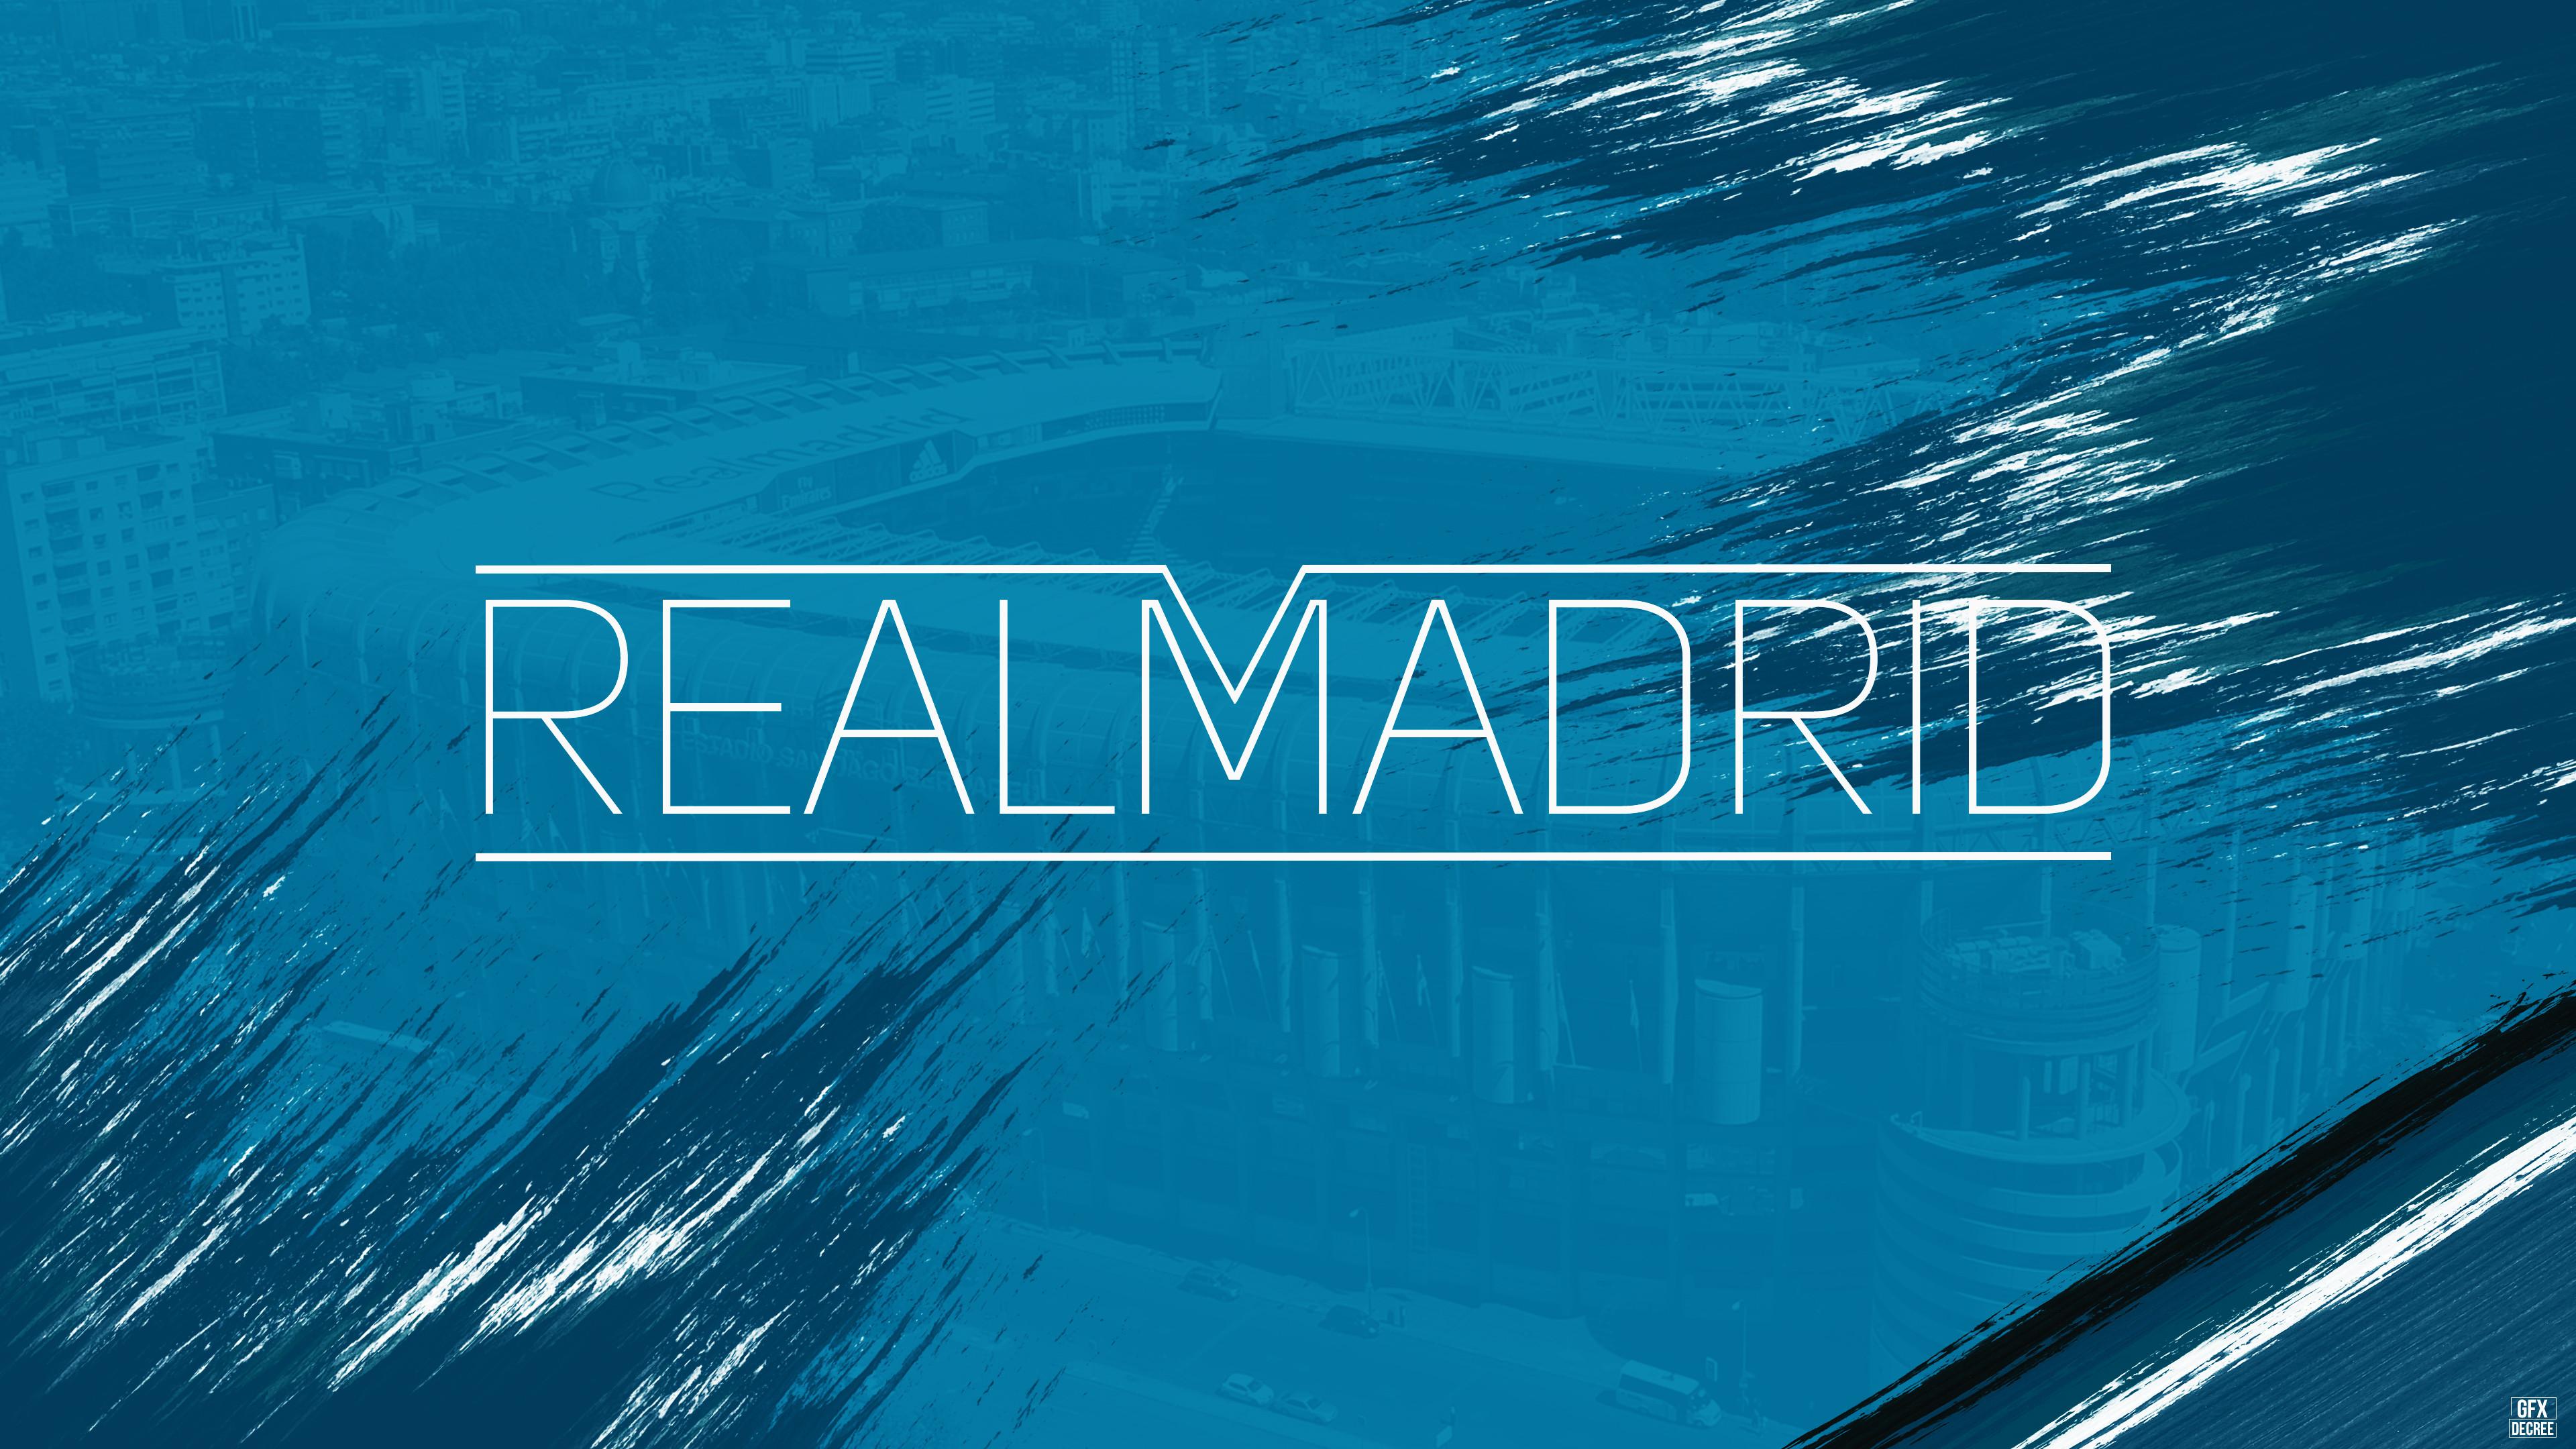 Res: 3840x2160, Real Madrid CF, Football club, 4K